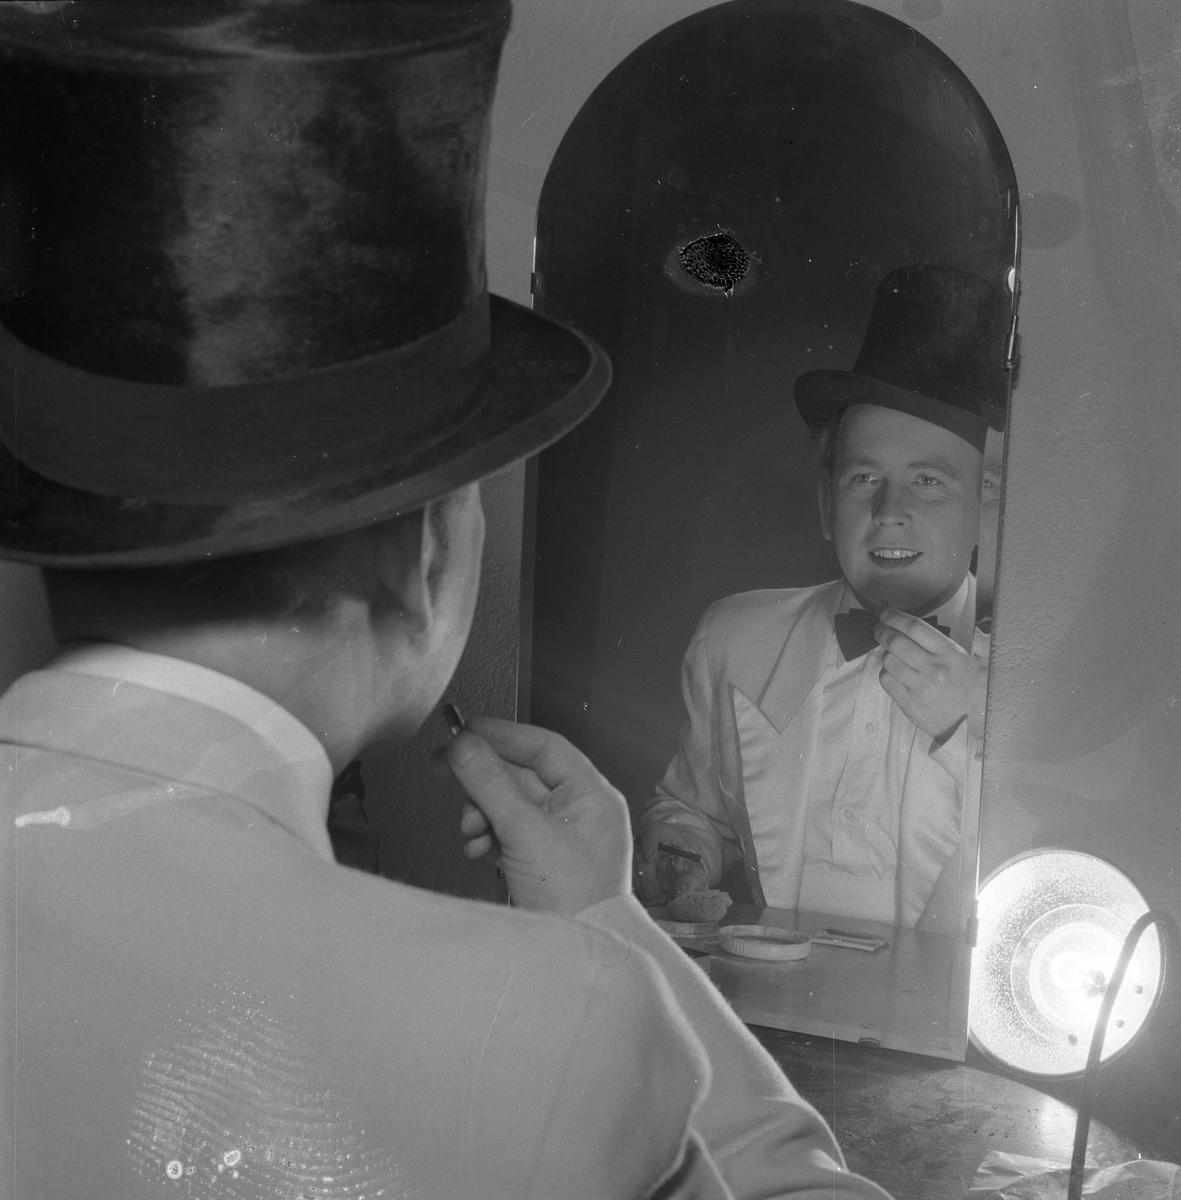 Arbogarevyns medlemmar spelar upp sin Jubileumsrevy. Rune Lindqvist sitter i logen och sminkar sig framför spegeln. Han är iklädd stormhatt och fluga.